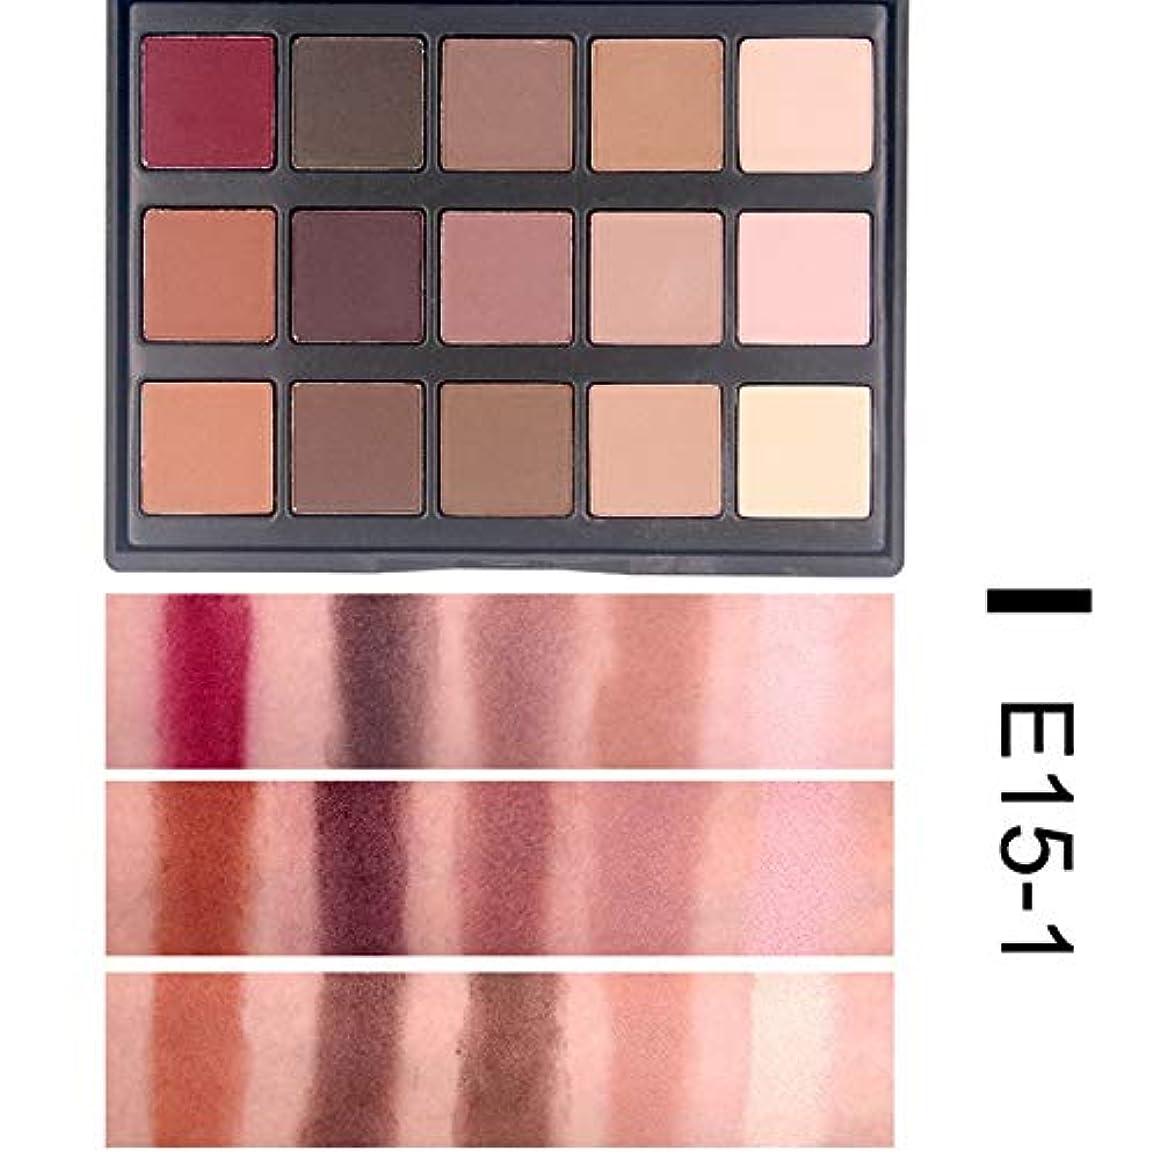 騒ぎちょっと待って切り離すRabugoo 15色ミニアイシャドウパウダーマットアイシャドウ化粧品メイクアップ EP15#1